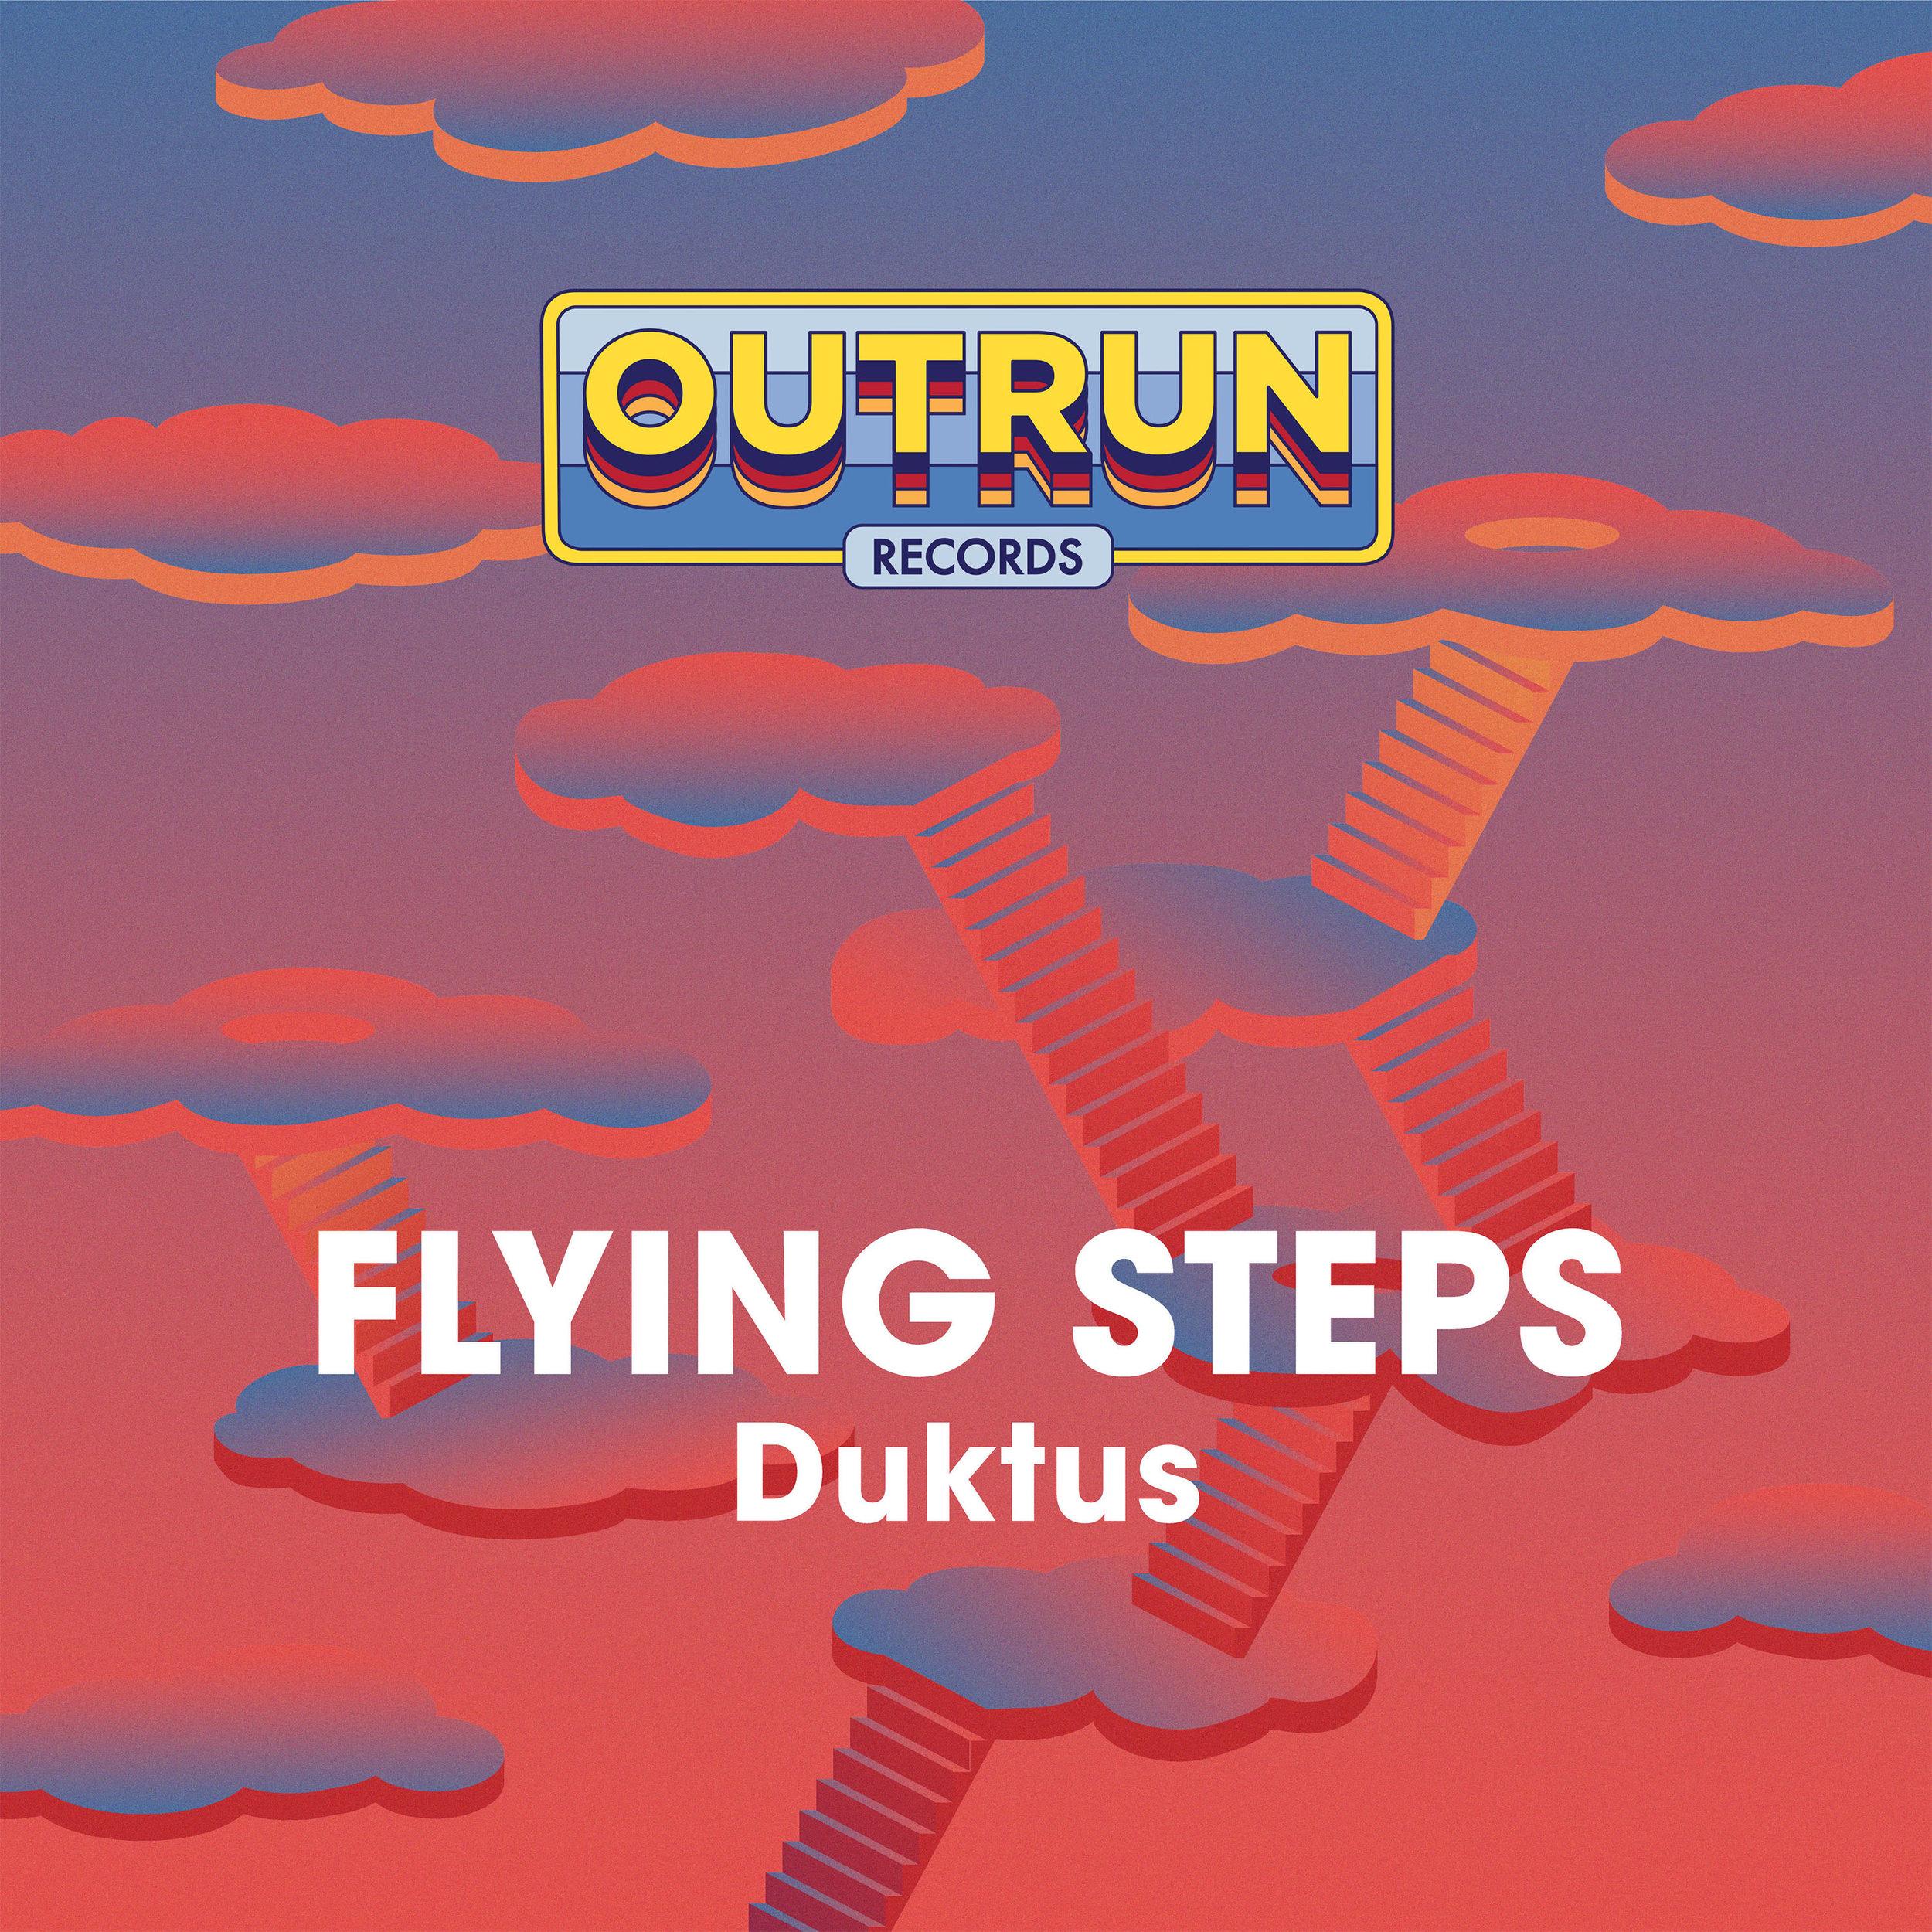 OUTRUN_Duktus_FlyingSteps.jpg